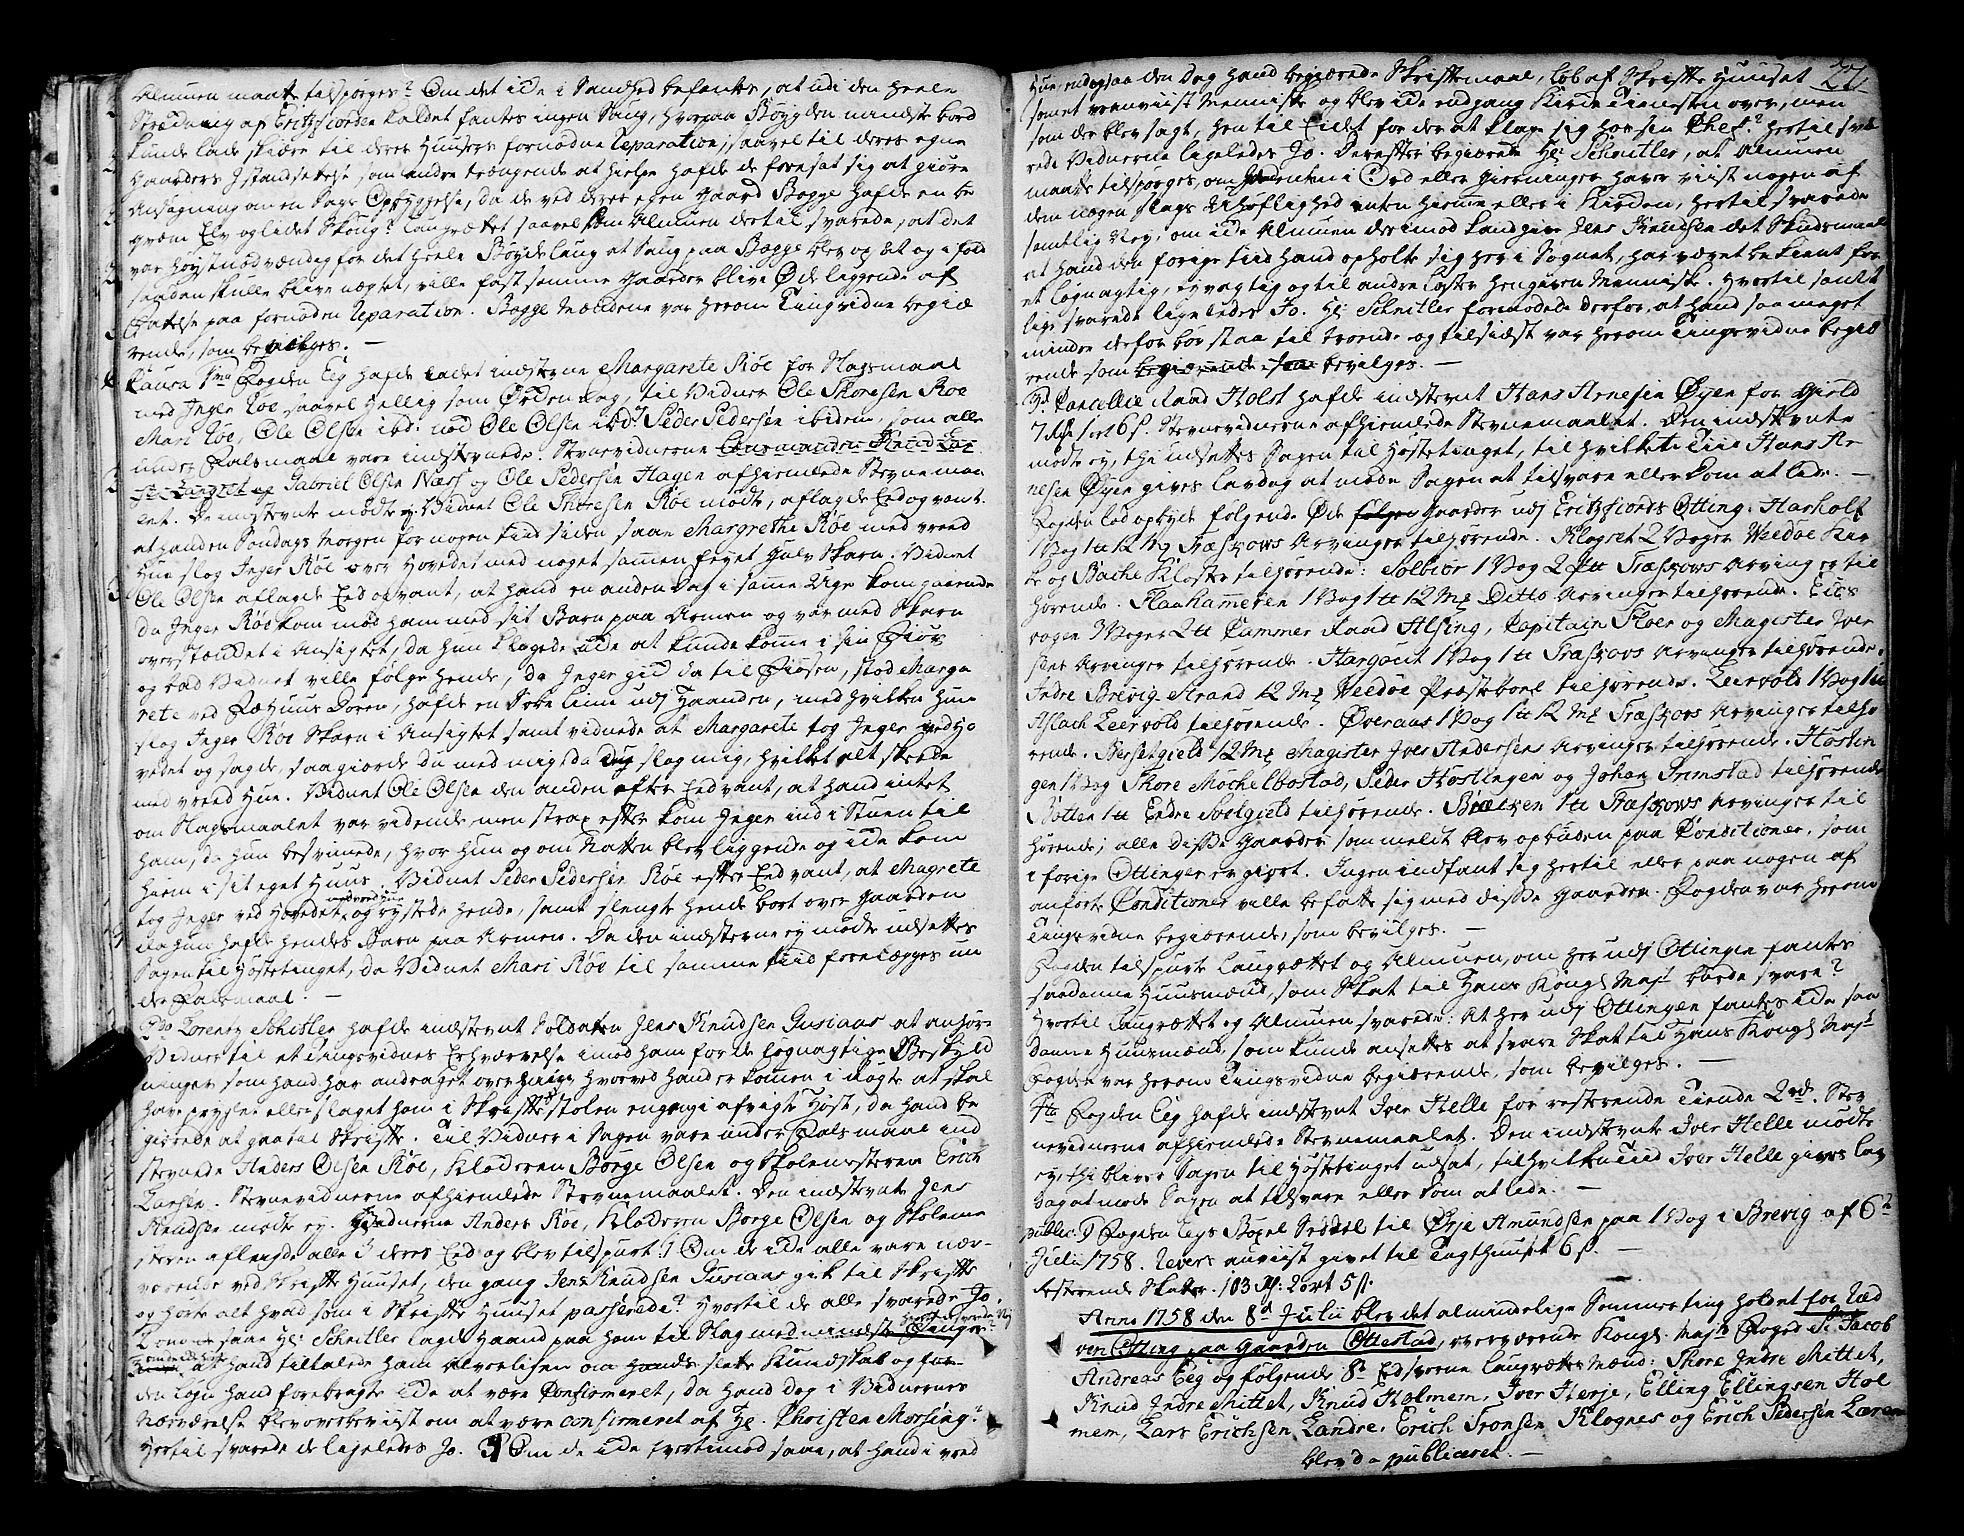 SAT, Romsdal sorenskriveri, 1/1A/L0014: Tingbok, 1757-1765, s. 27